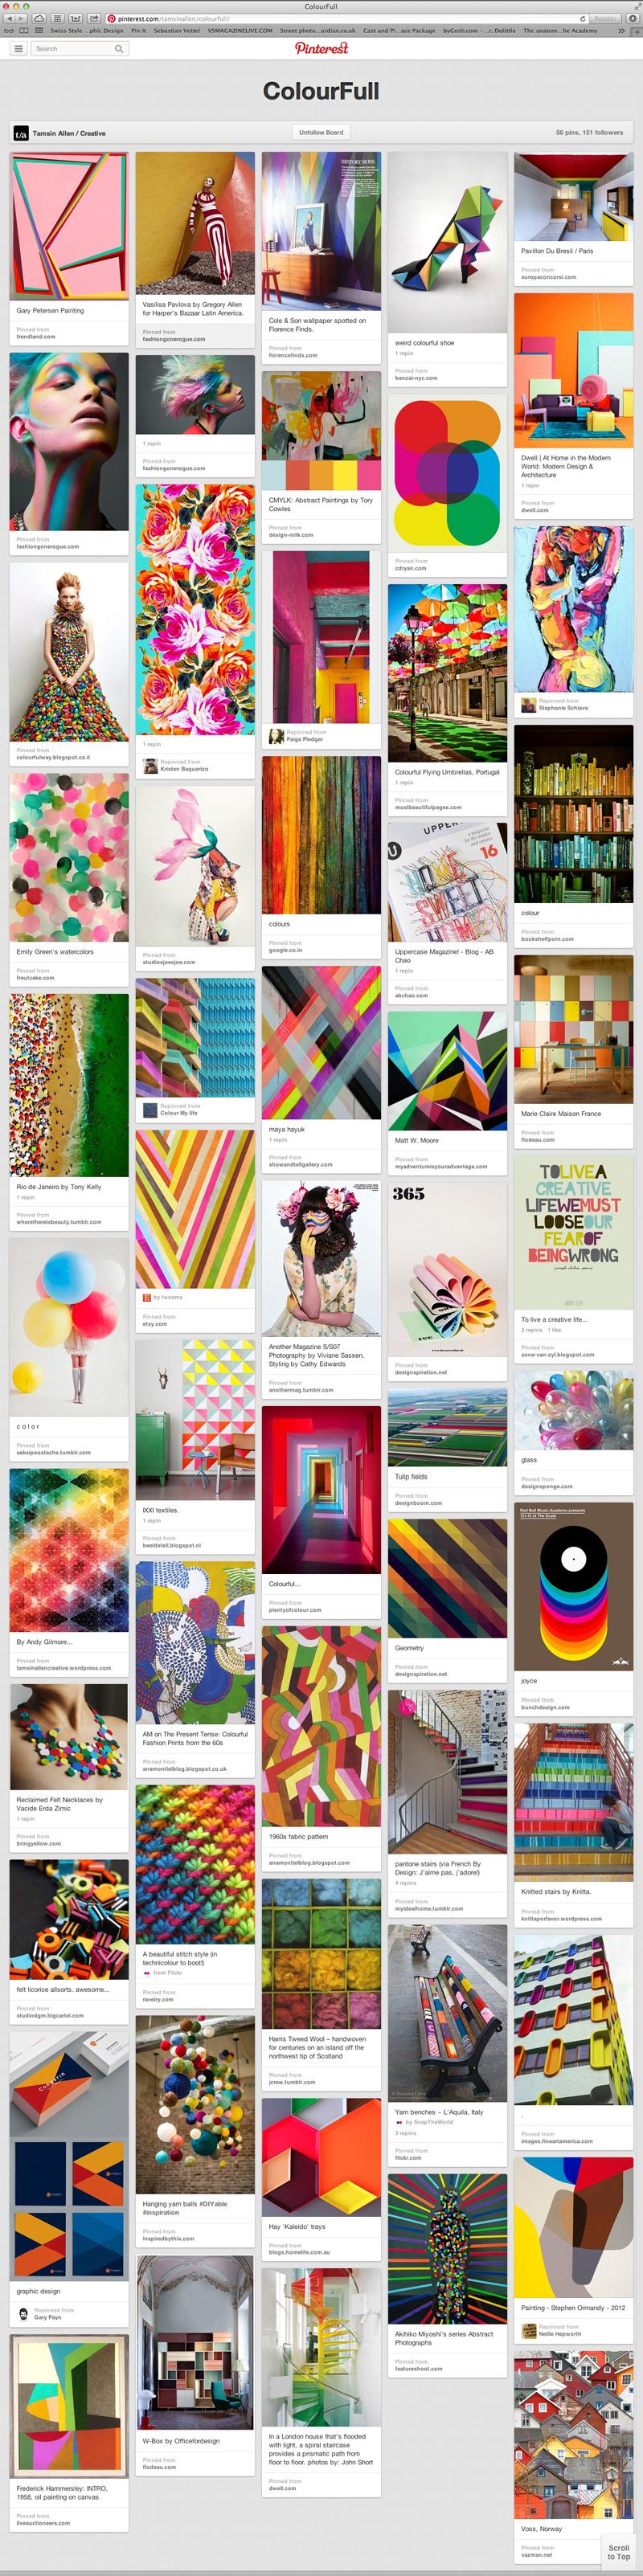 Pinterest ColourFull board